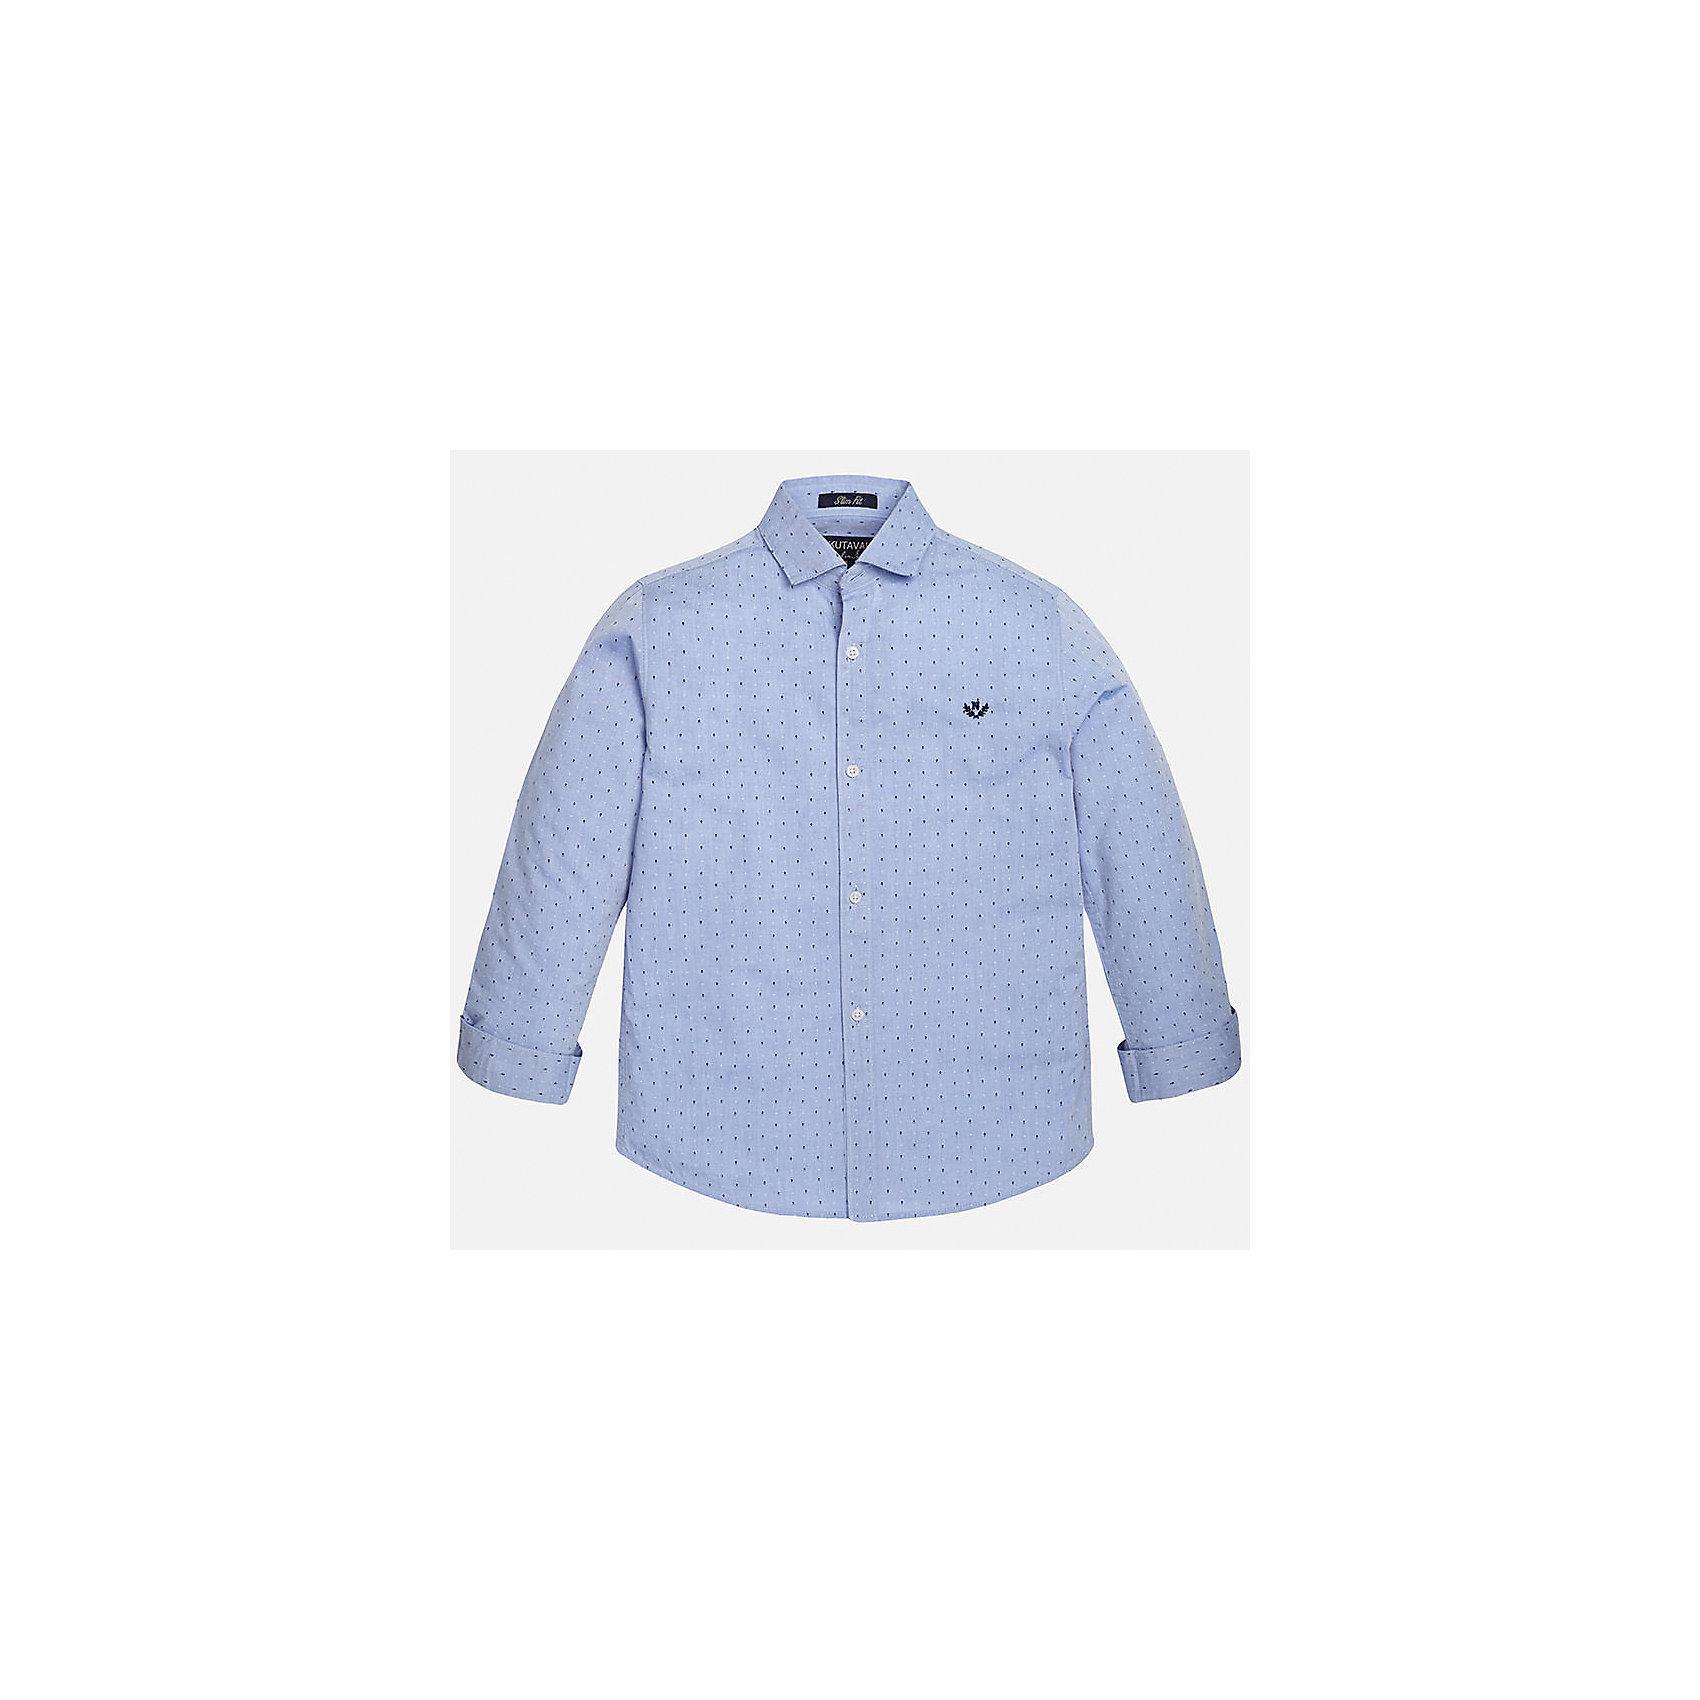 Рубашка для мальчика MayoralБлузки и рубашки<br>Рубашка для мальчика из коллекции осень-зима 2016-2017 известного испанского бренда Mayoral (Майорал). Стильная и удобная рубашка на каждый день. Приятный пастельно-голубой цвет рубашки прекрасно сочетается с темно-синими и белыми крапинками. Рубашка застегивается на пуговицы с дизайном. Рубашка отлично подойдет как к брюкам, так и к джинсам кроме того, ее можно носить поверх футболки.<br><br>Дополнительная информация:<br><br>- Рукав: длинный<br>- Силуэт: слим-фит<br>Состав: 100% хлопок<br><br>Рубашку для мальчиков Mayoral (Майорал) можно купить в нашем интернет-магазине.<br><br>Подробнее:<br>• Для детей в возрасте: от 10 до 14 лет<br>• Номер товара: 4826892<br>Страна производитель: Индия<br><br>Ширина мм: 174<br>Глубина мм: 10<br>Высота мм: 169<br>Вес г: 157<br>Цвет: голубой<br>Возраст от месяцев: 144<br>Возраст до месяцев: 156<br>Пол: Мужской<br>Возраст: Детский<br>Размер: 158/164,128/134,164/170,158/164,146/152,140/146<br>SKU: 4826891